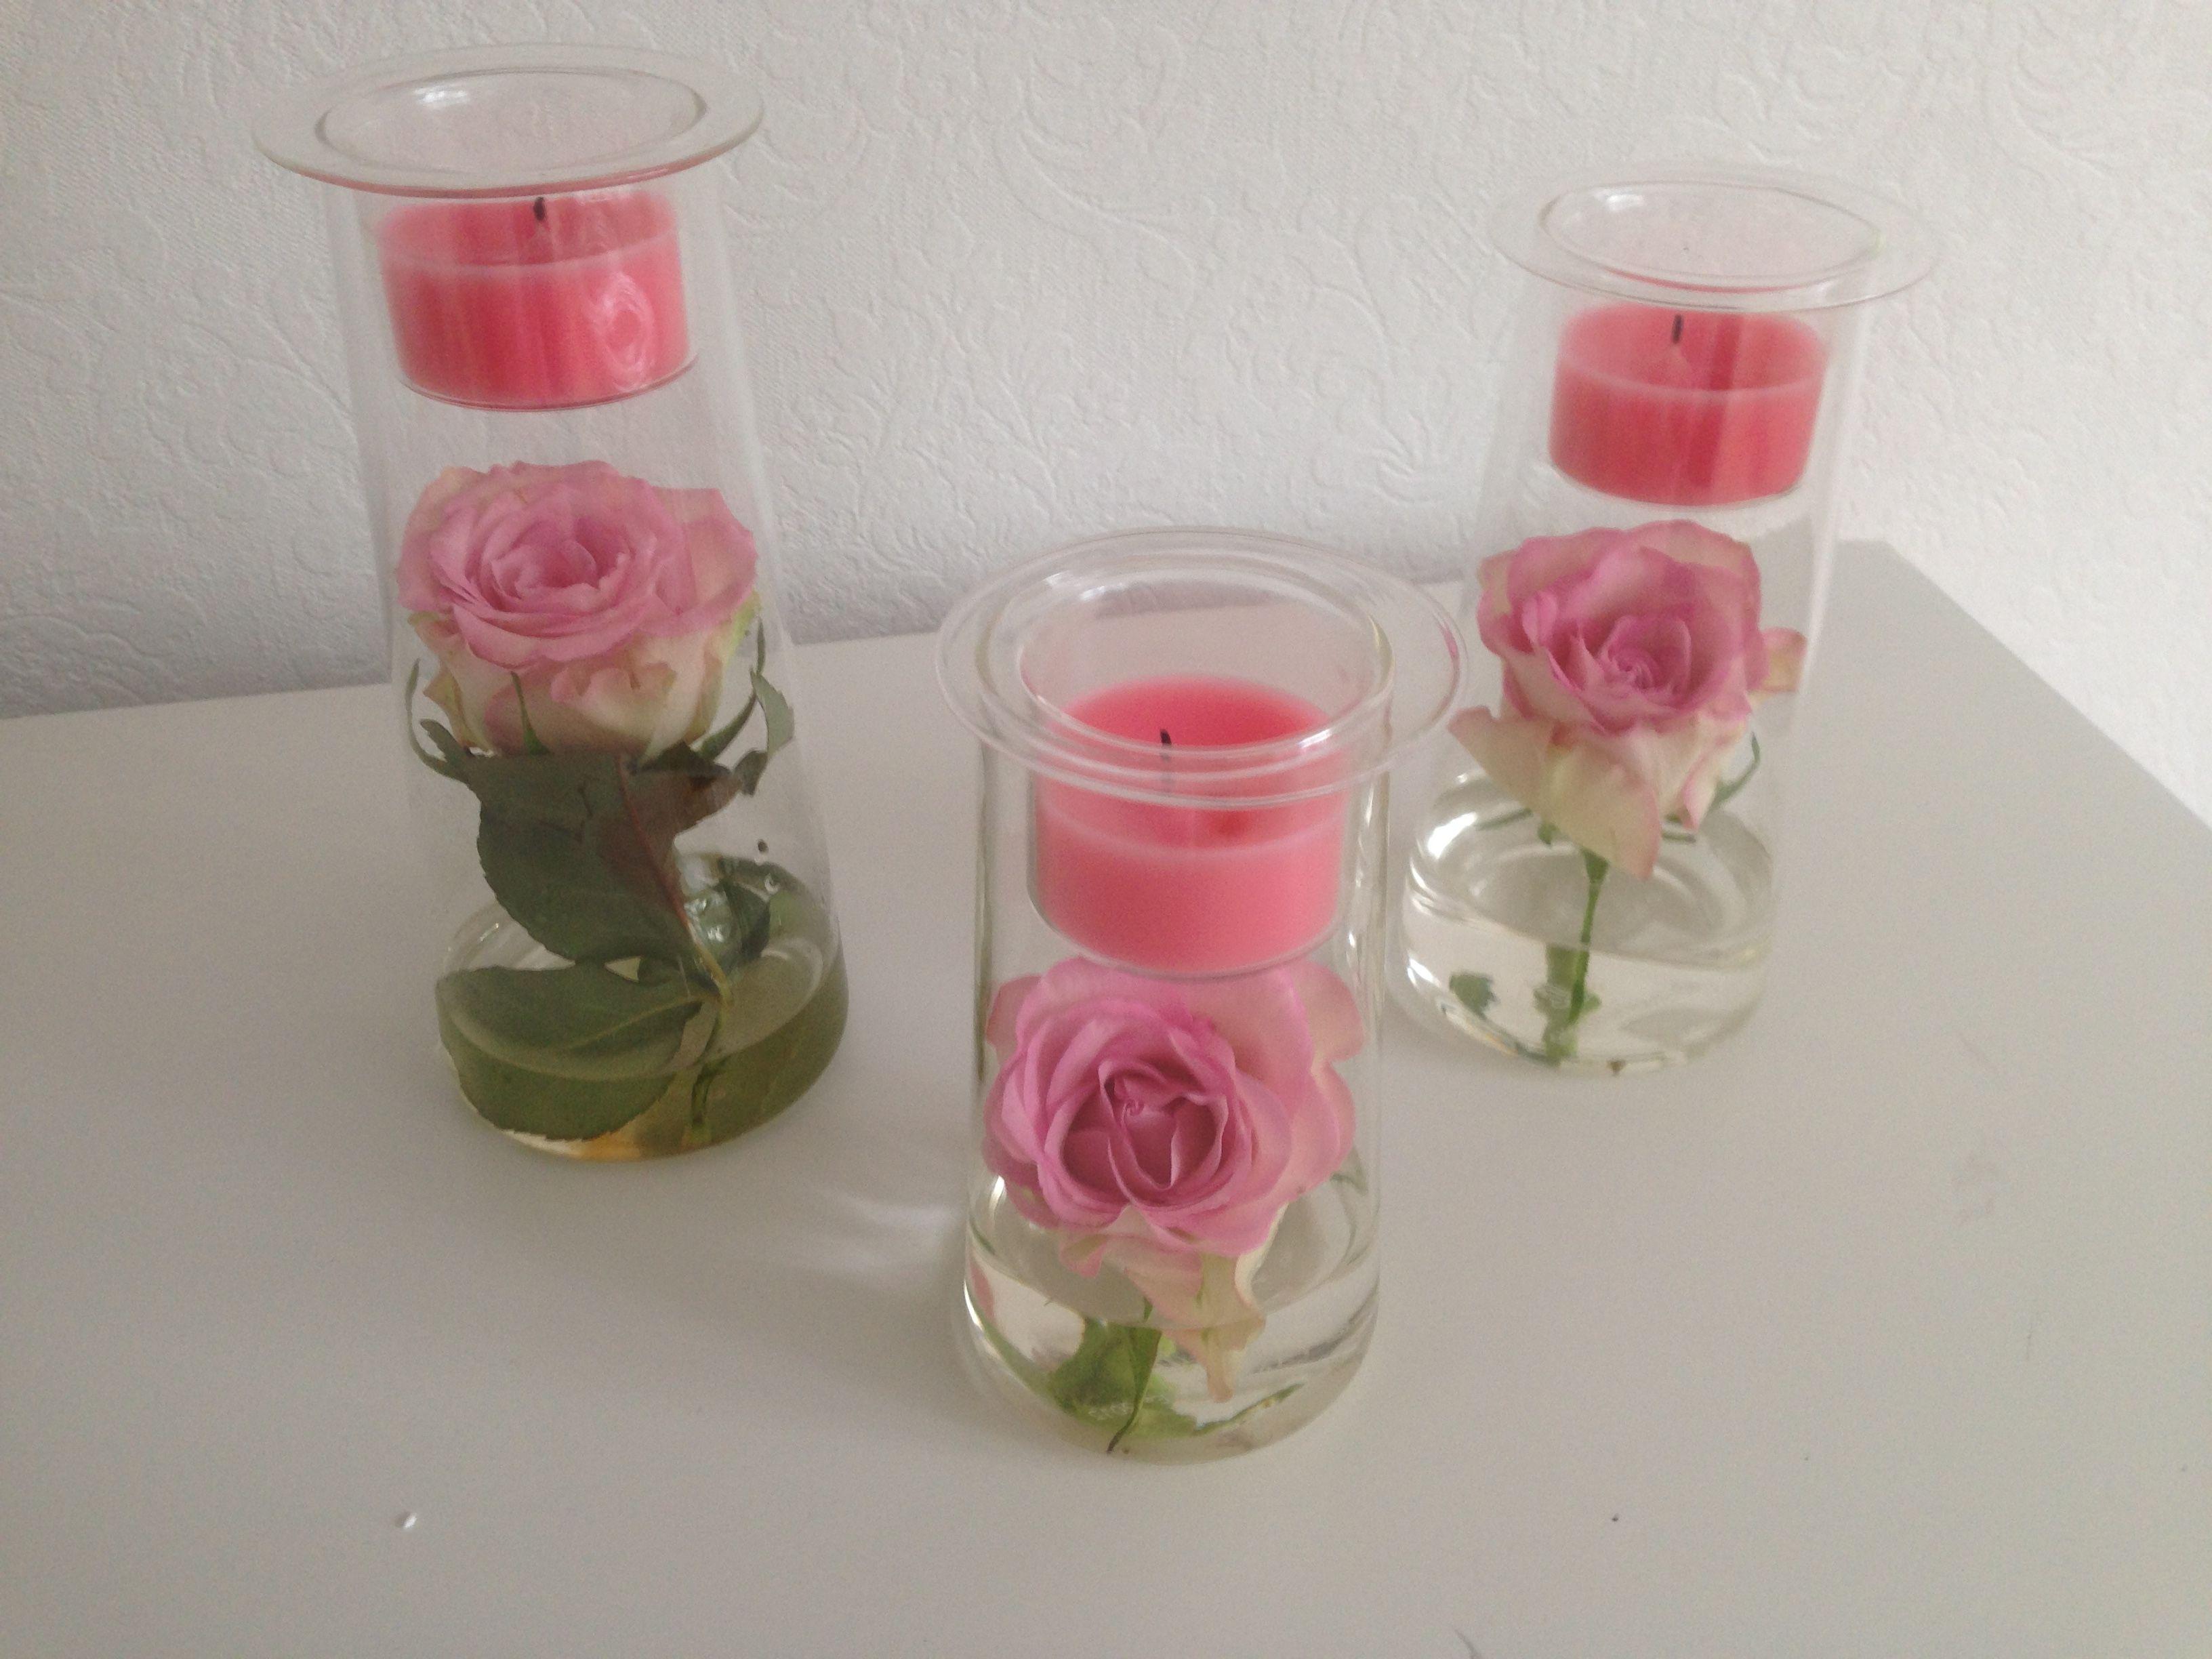 Aidot ruusut, olleet kuvaushetkellä viikon Symmetrioiden sisällä. Kestivät kaikkiaan lähes kuukauden, kunnes vaihdoin ne toisen värisiin.